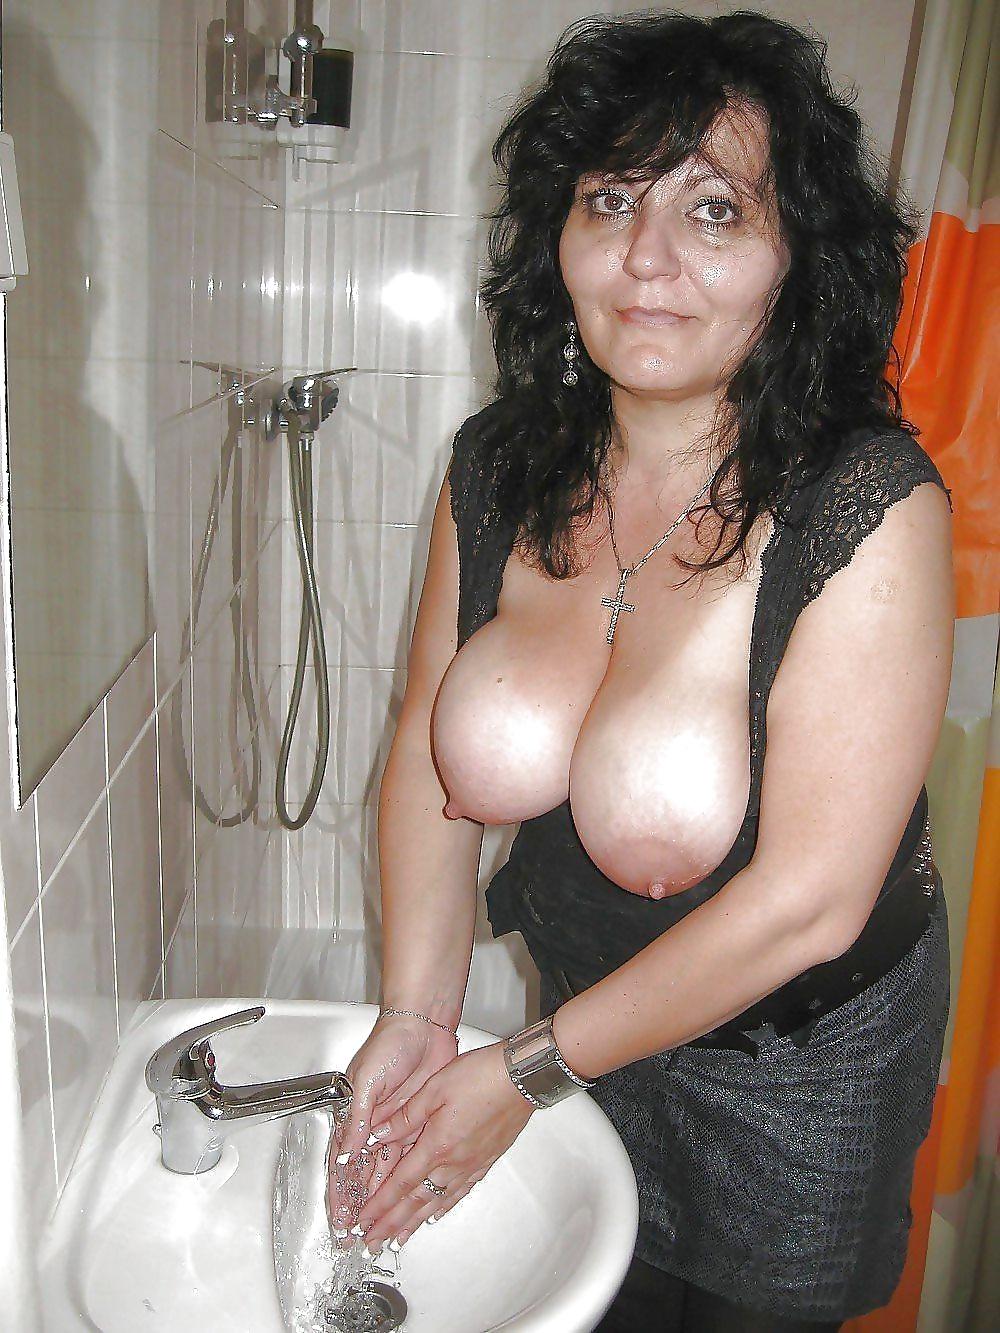 Nipples of black women-2491